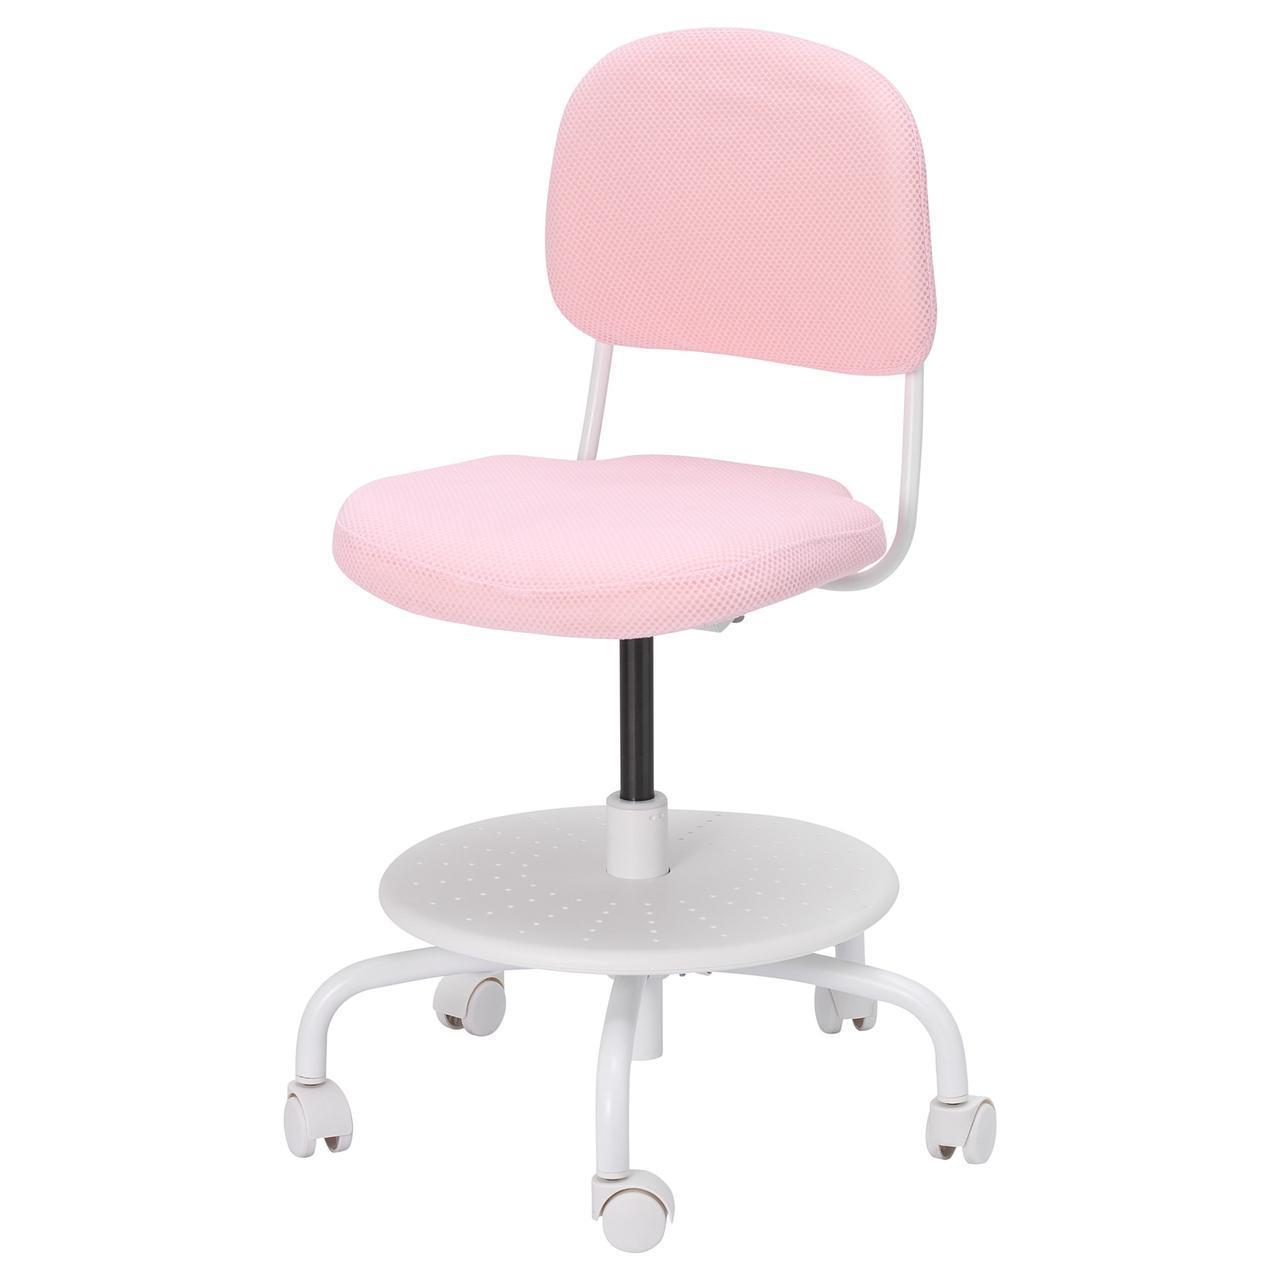 IKEA VIMUND Детский рабочий стул, светло-розовый  (104.243.53)